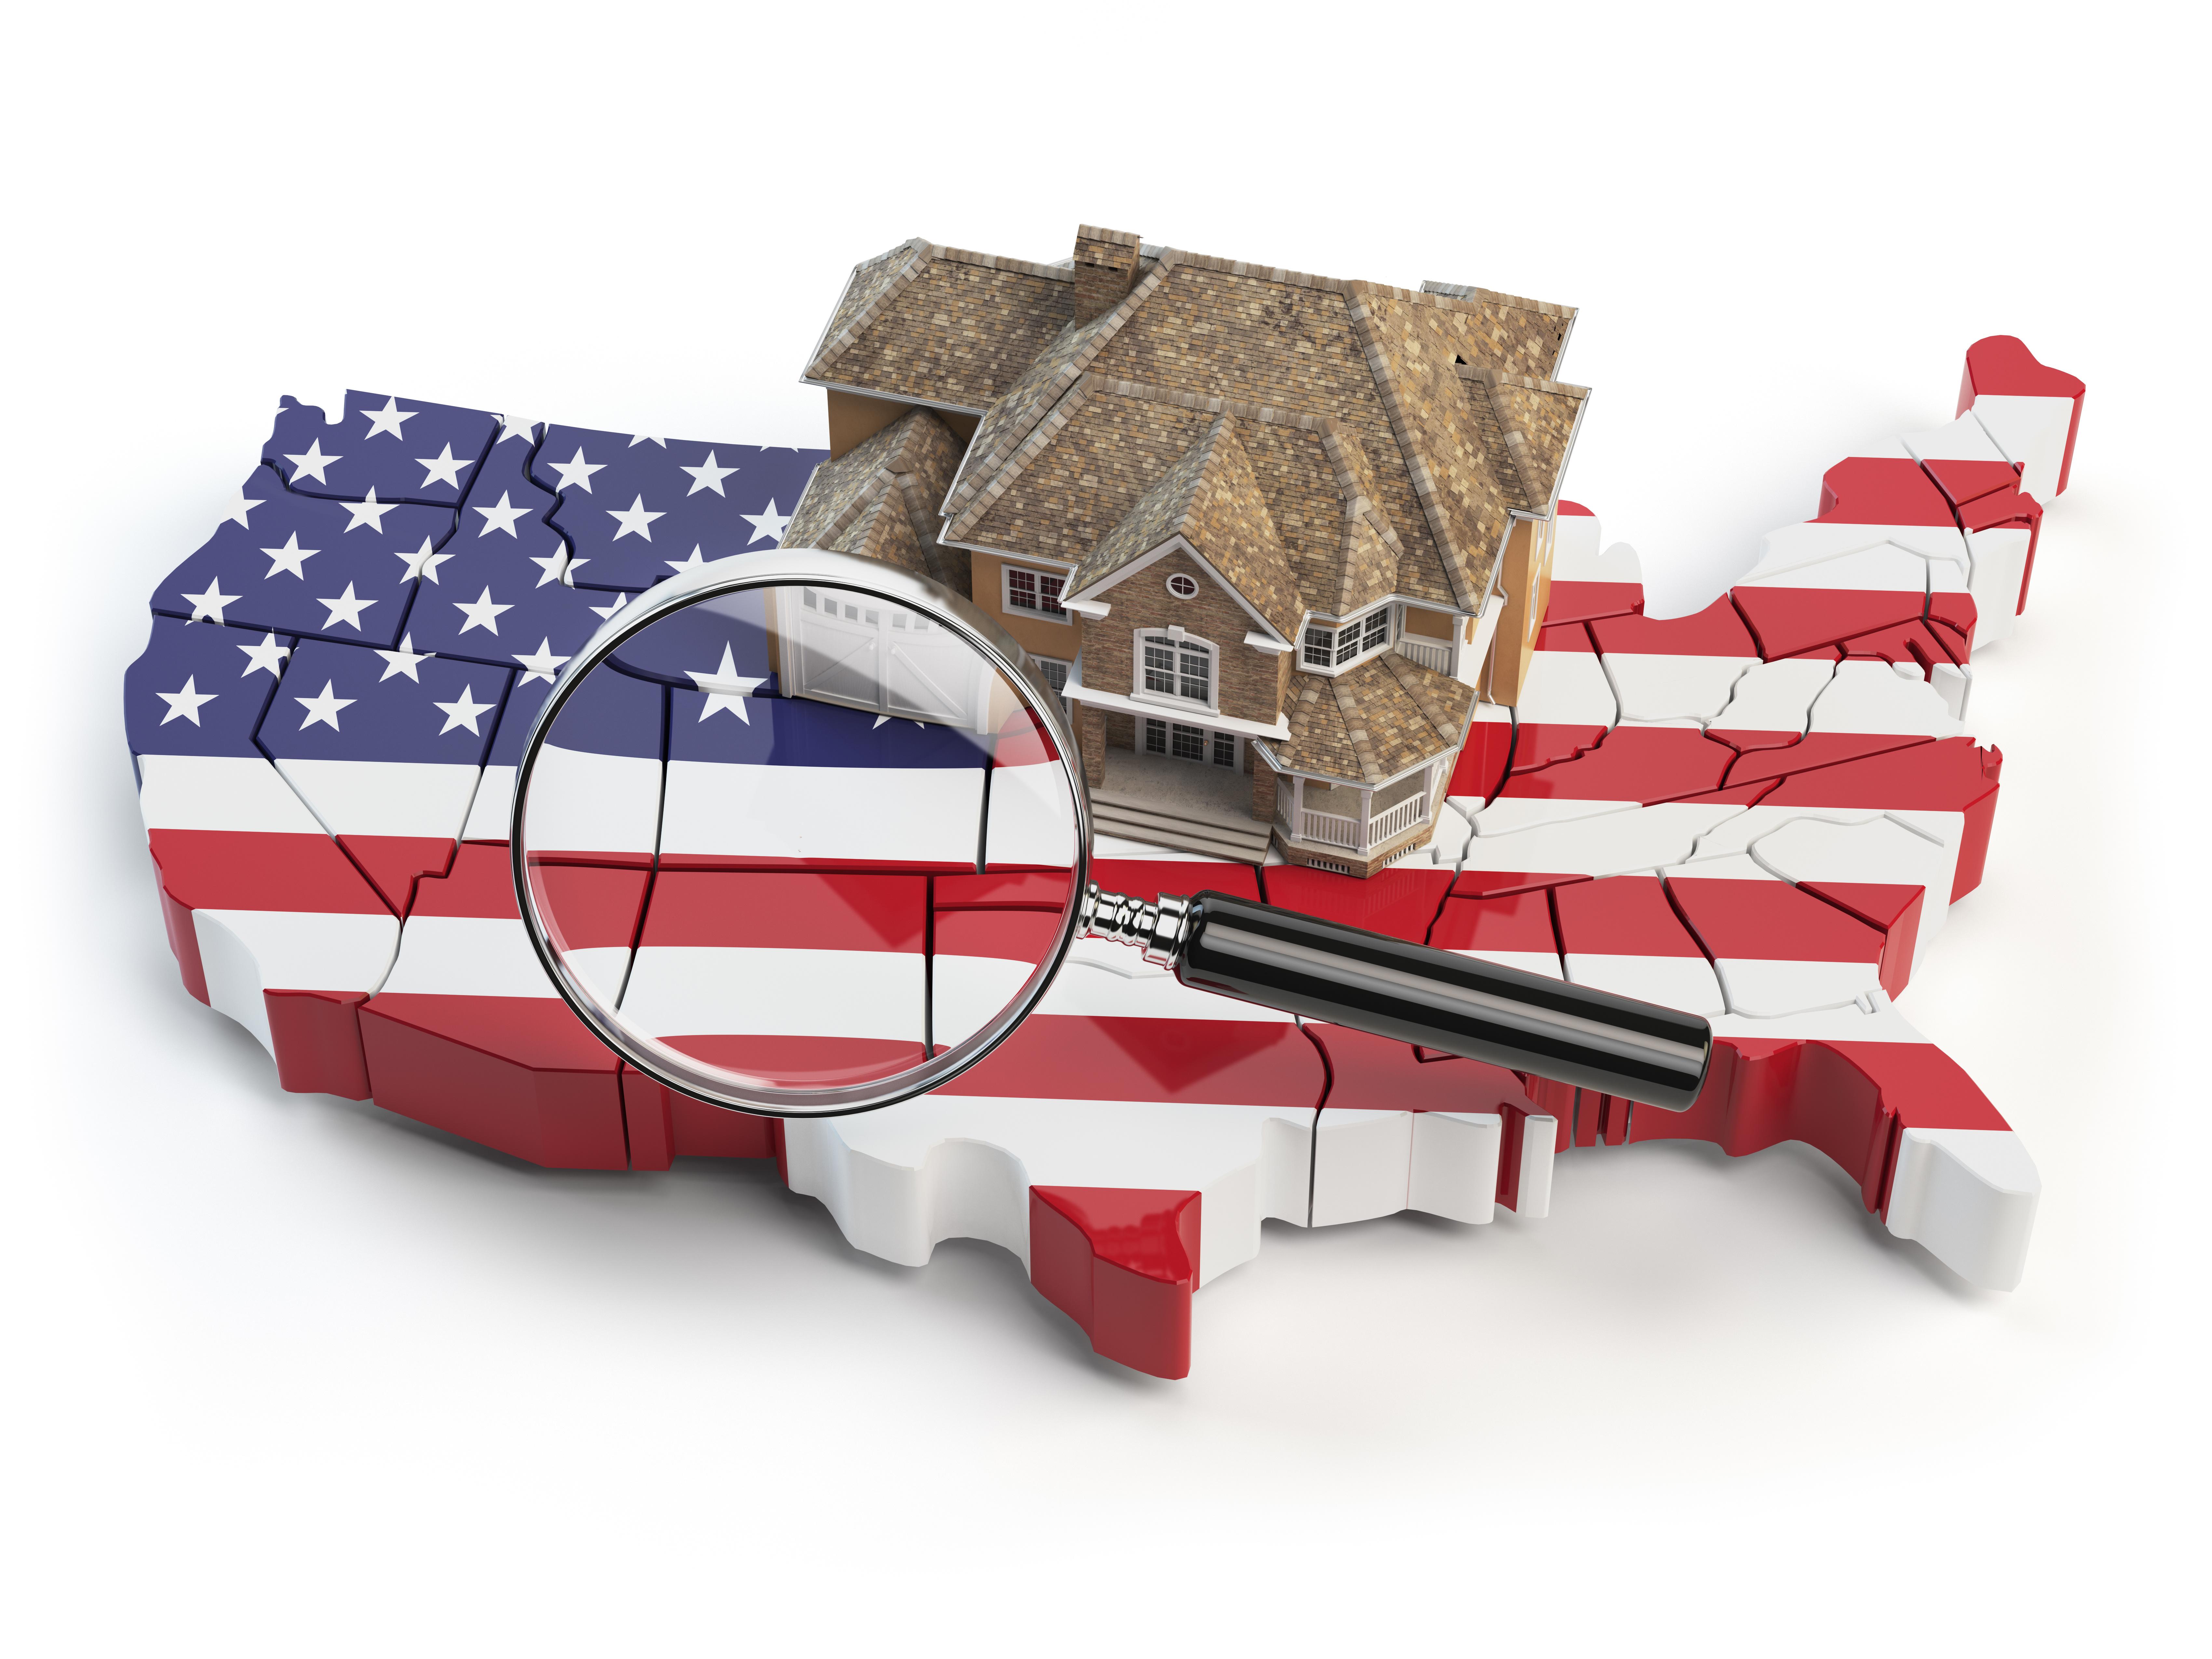 【アメリカ確定申告】知っておきたい基礎知識 「第3回:アメリカ不動産を日本法人で購入した場合の手続き」 イメージ画像